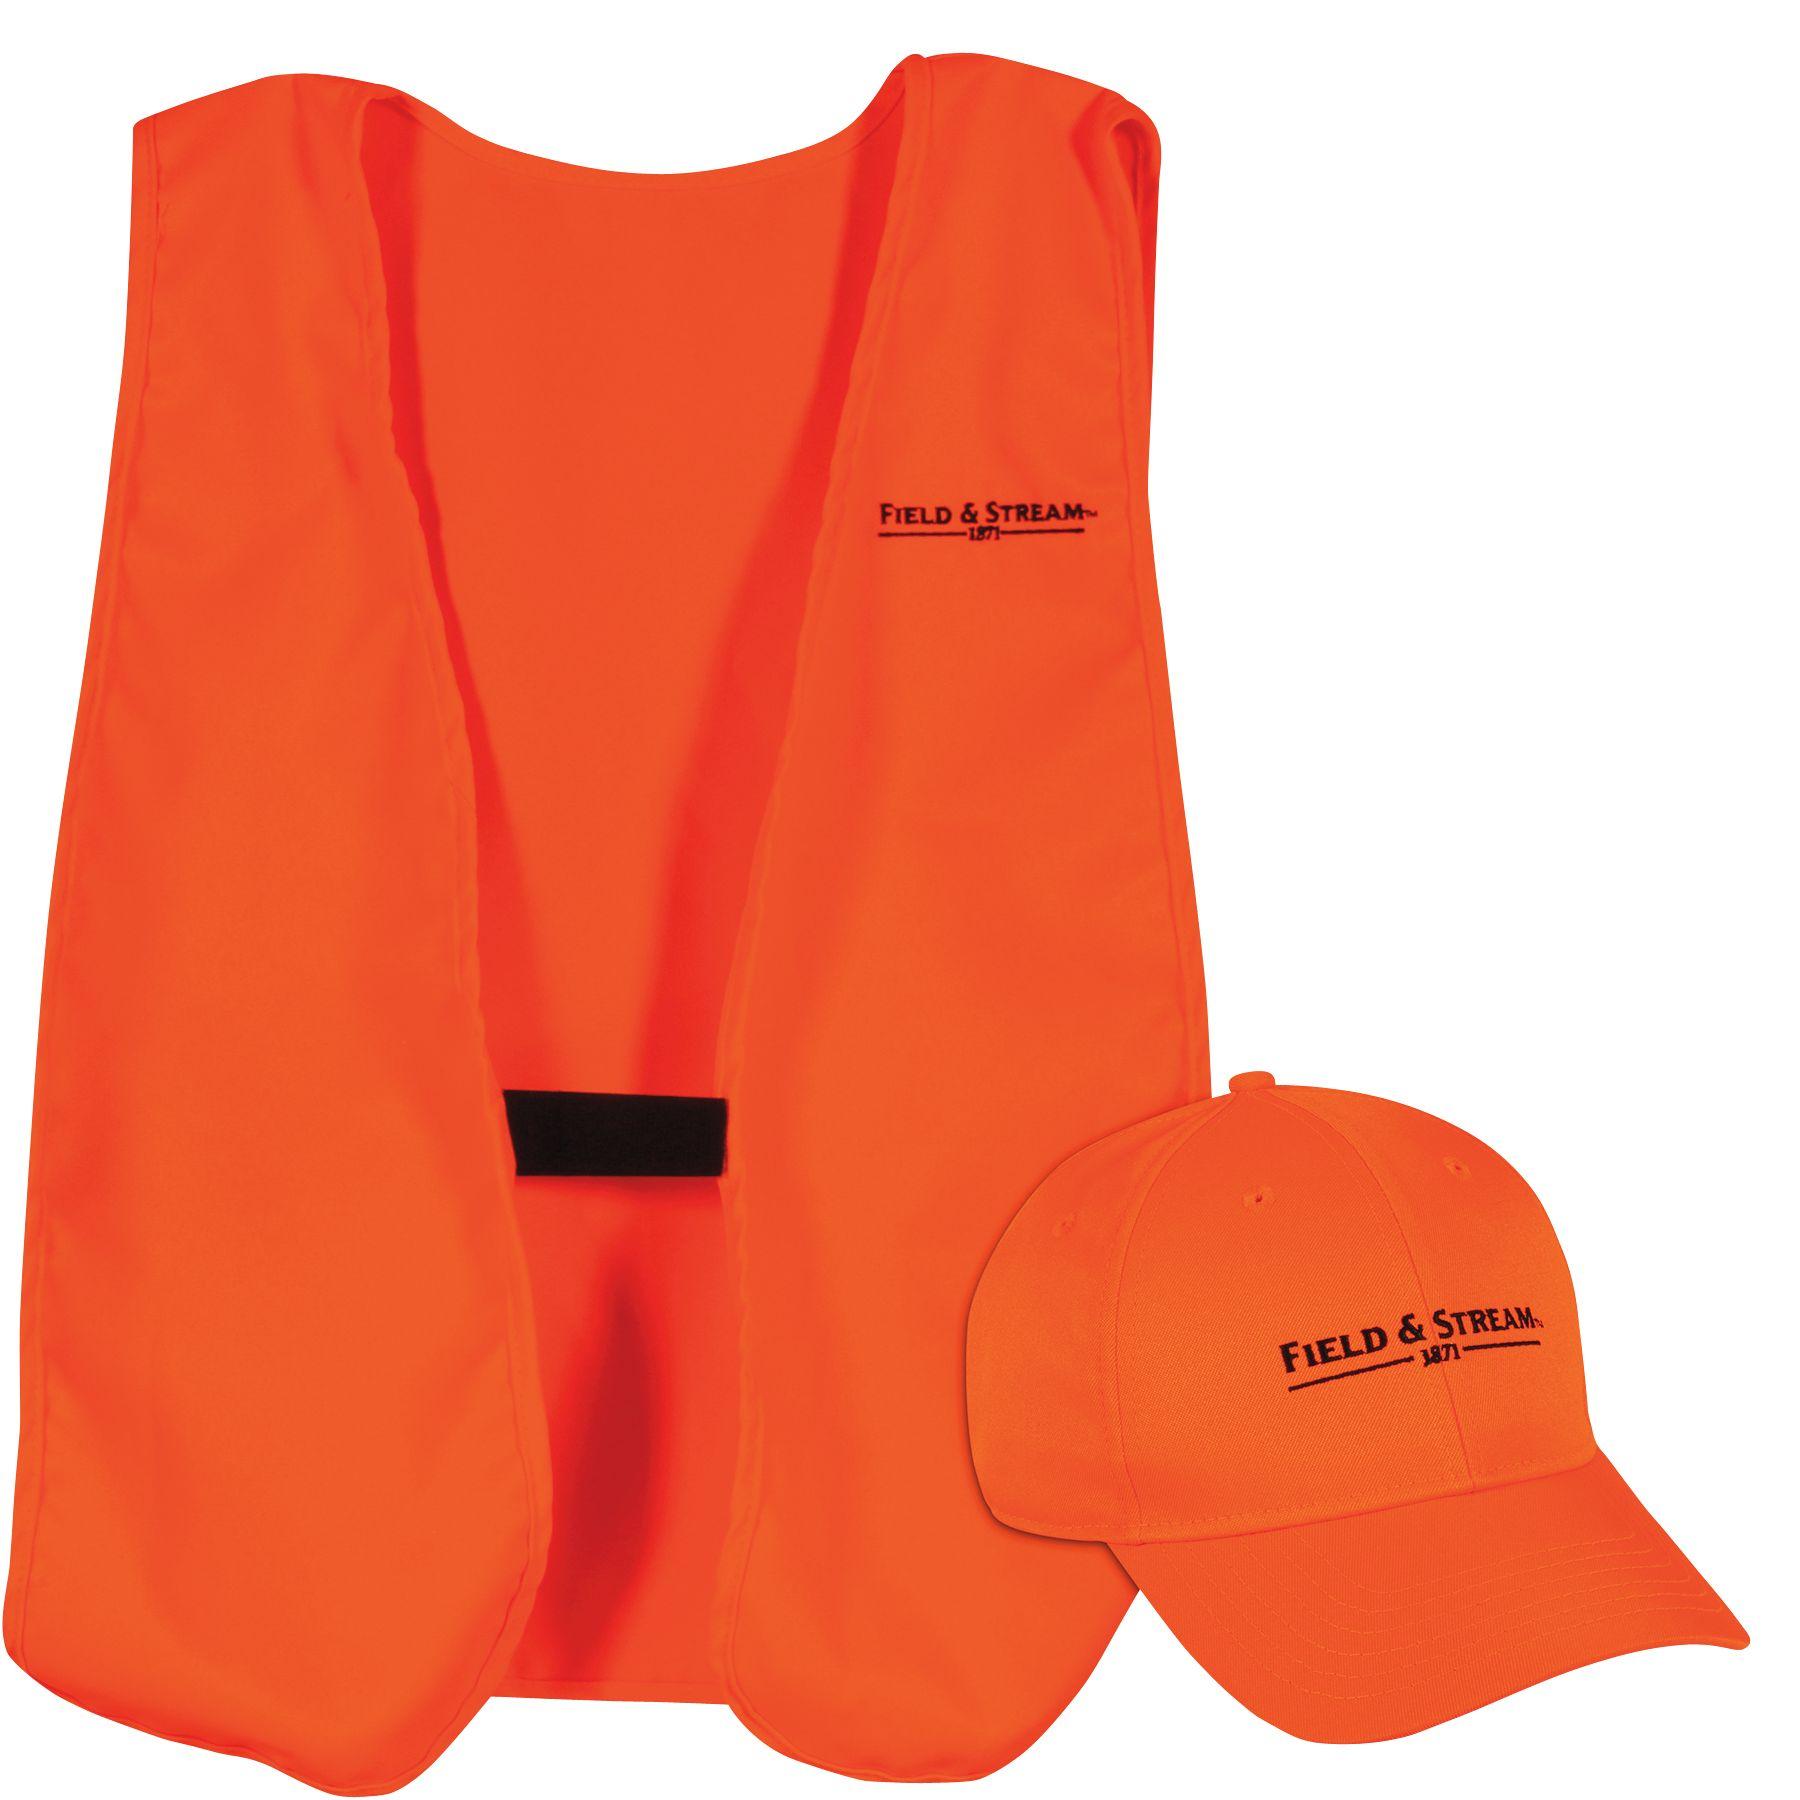 Field & Stream Adult Hat and Vest Combo, Men's, Blaze Orange